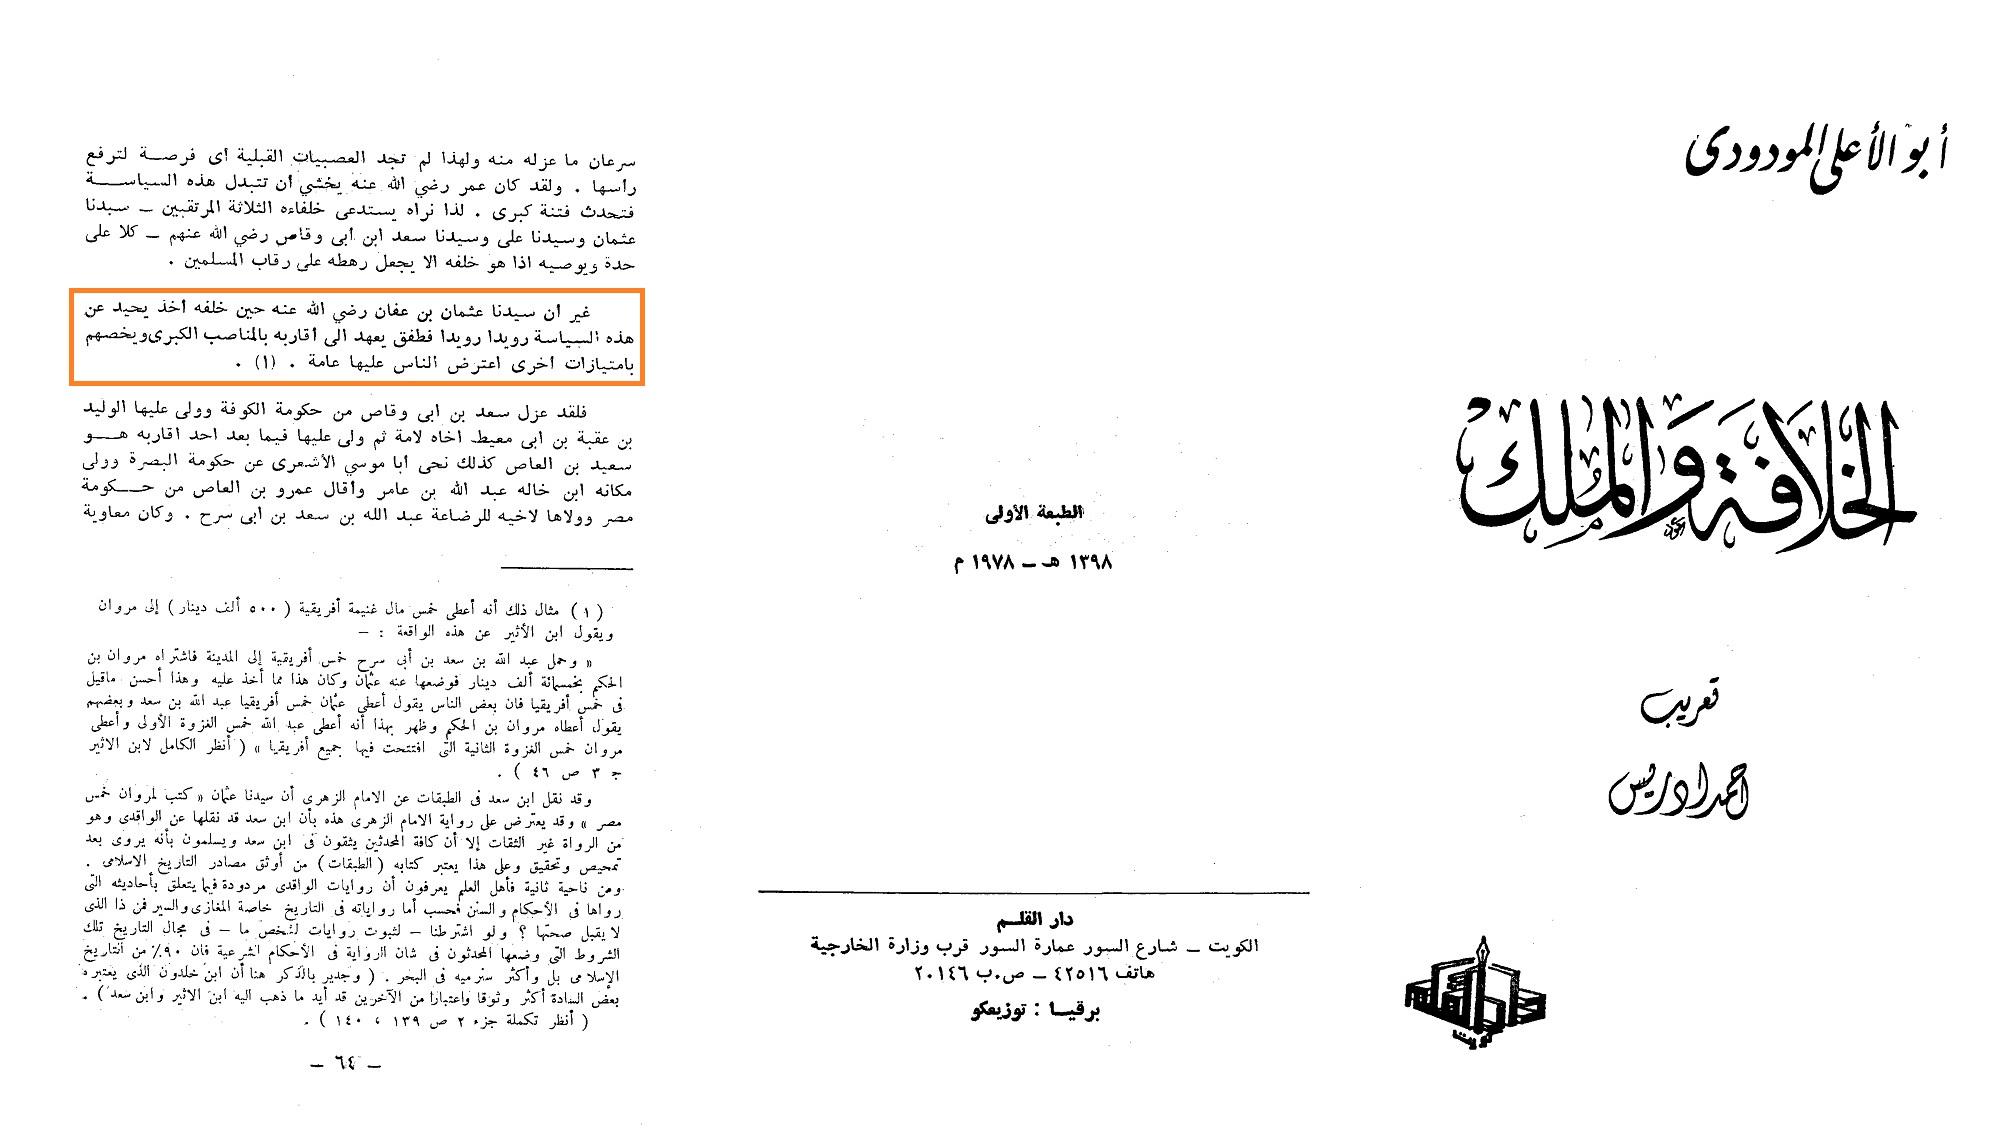 عثمان نزدیکان خود را مناصبی مهم حکومتی گماشت